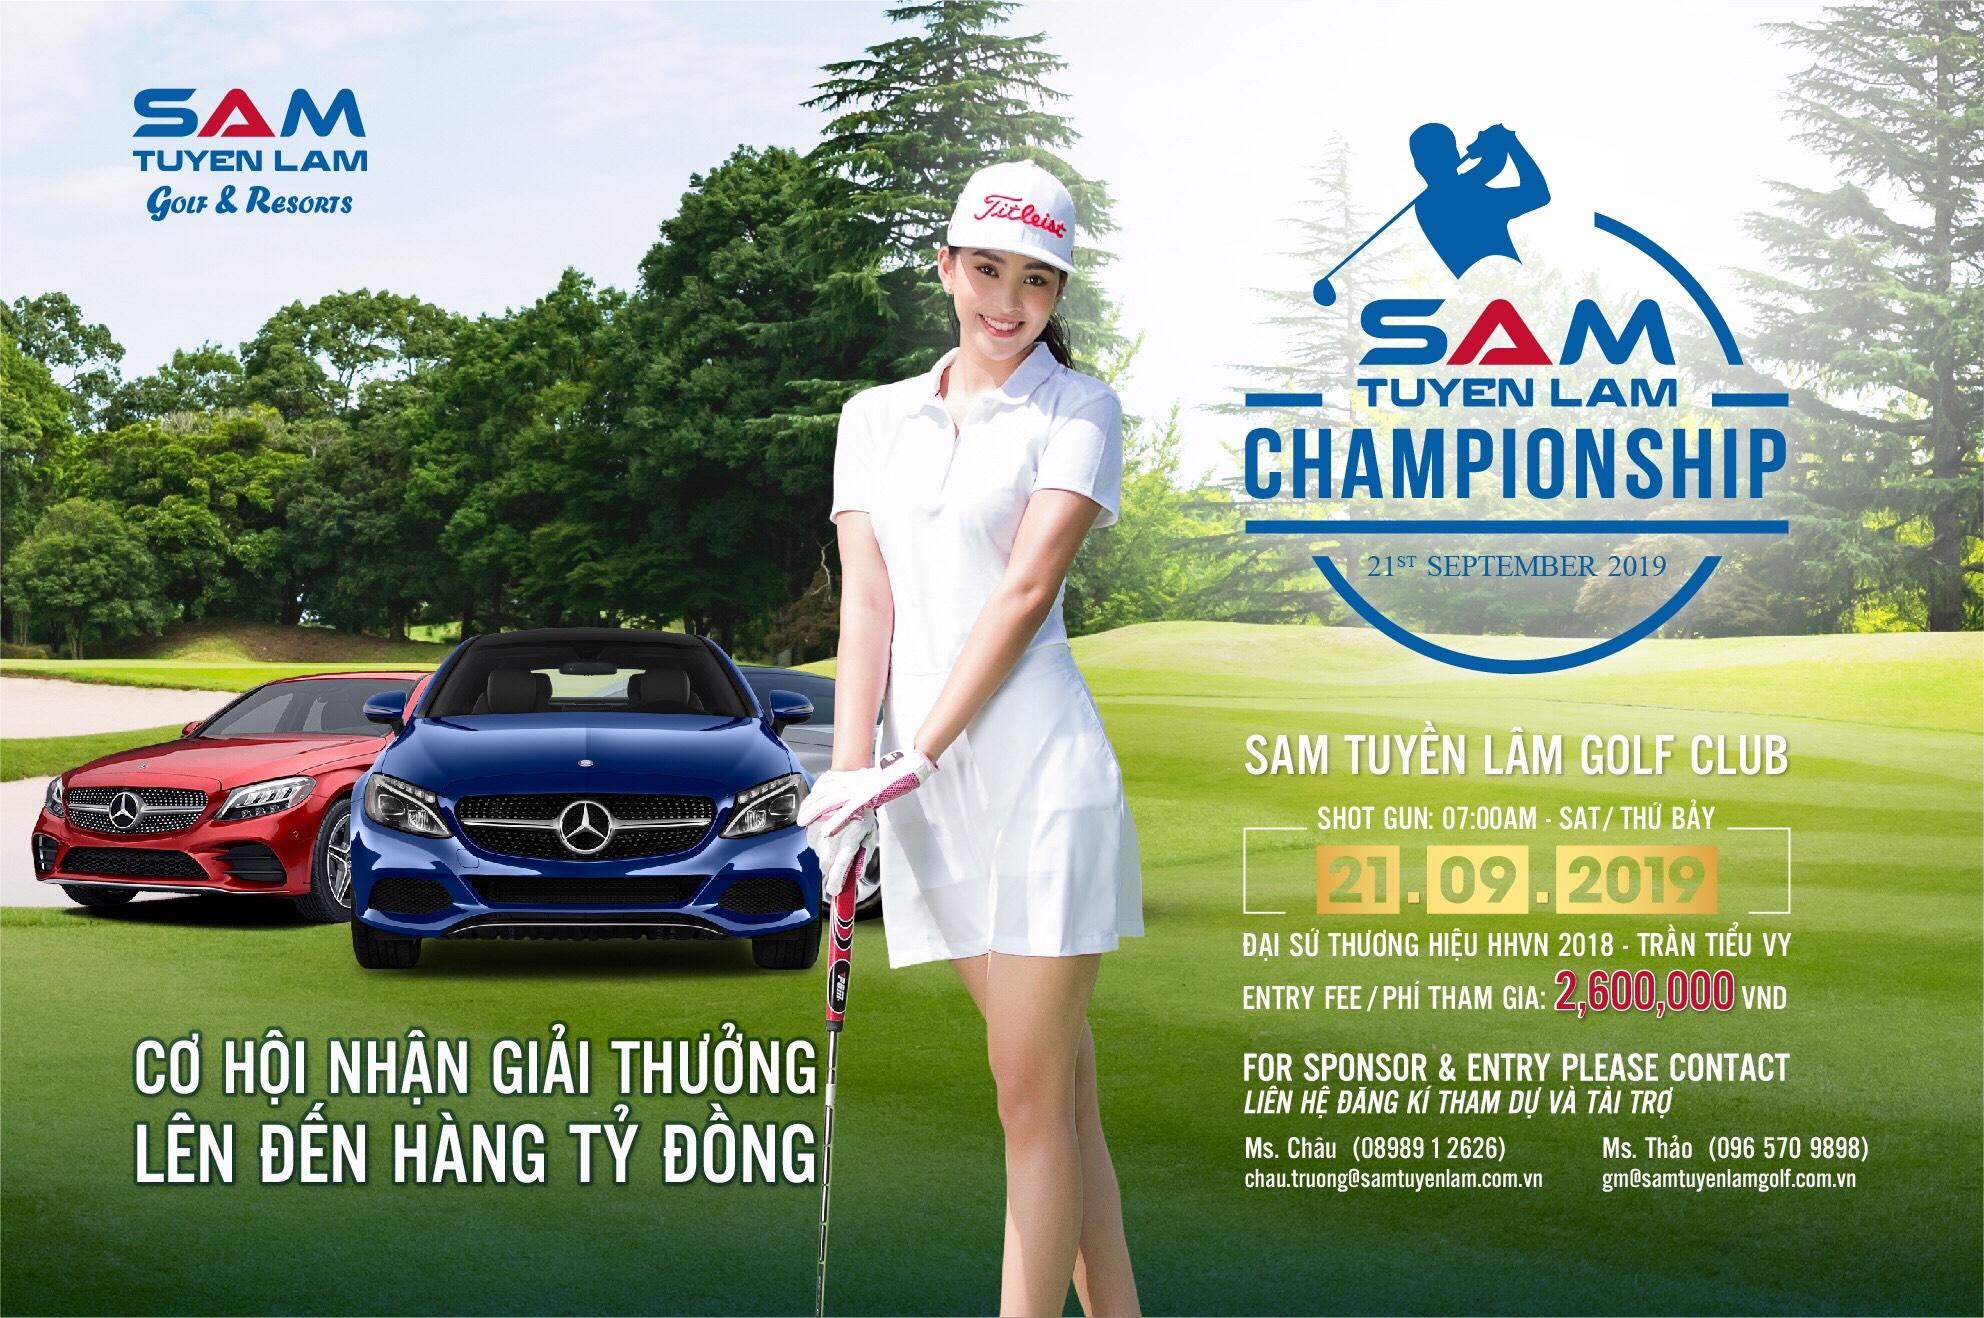 Lịch trình giải SAM Tuyền Lâm Championship 2019